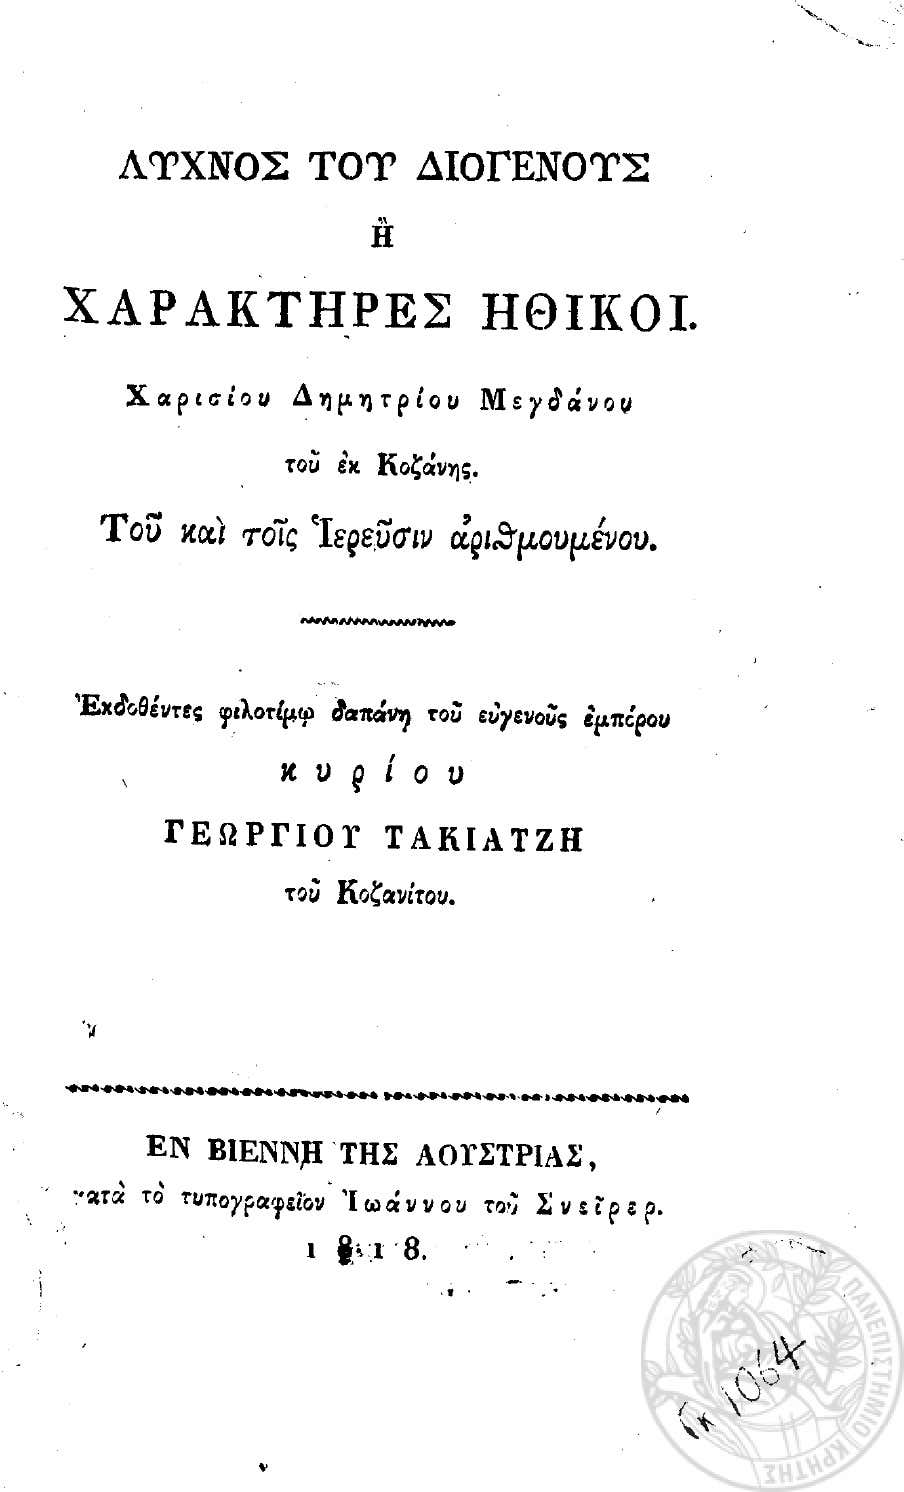 Μεγδάνης, Χαρίσιος Δημητρίου,1768-1823. Λύχνος του Διογένους ΣΒΙ 136180